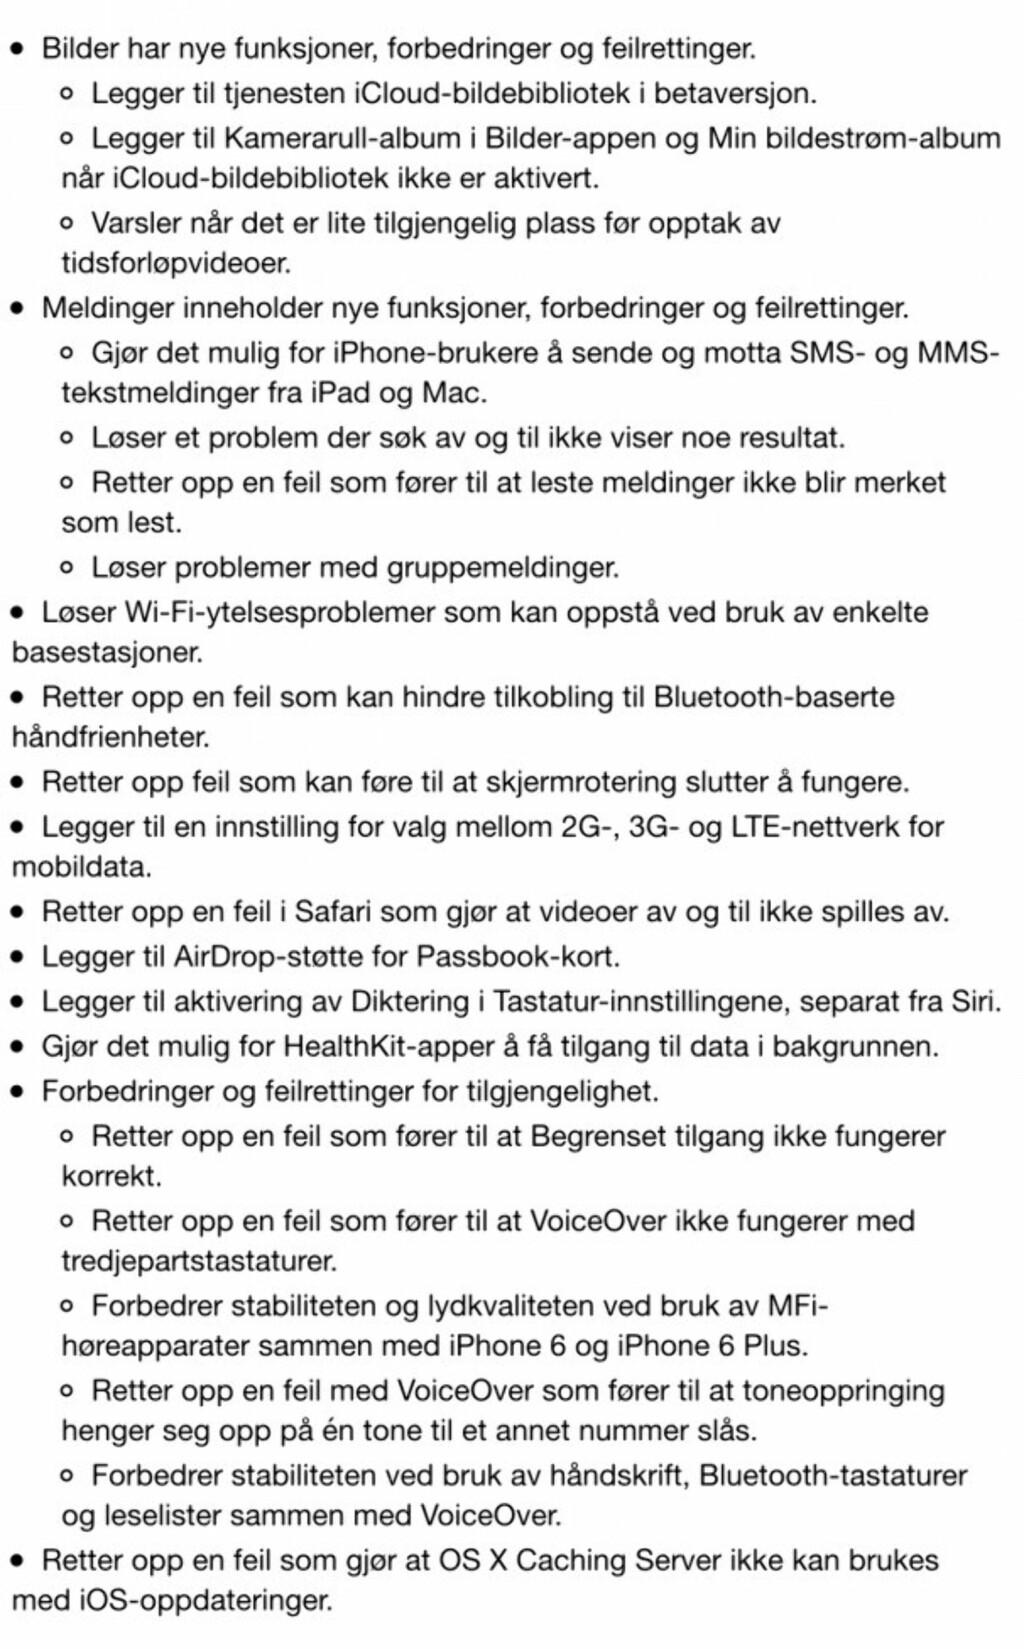 Her er alt som har blitt fikset i iOS 8.1 Foto: Trond Bie